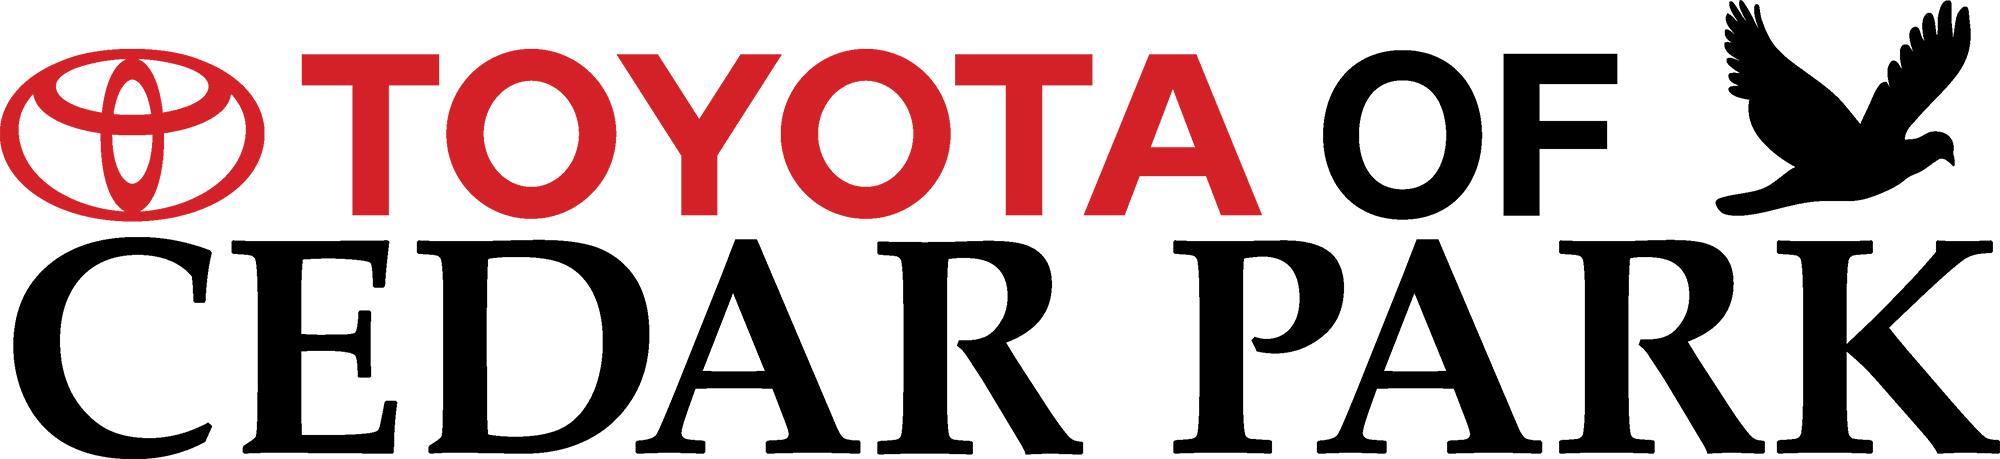 Toyota of Cedar Park Logo